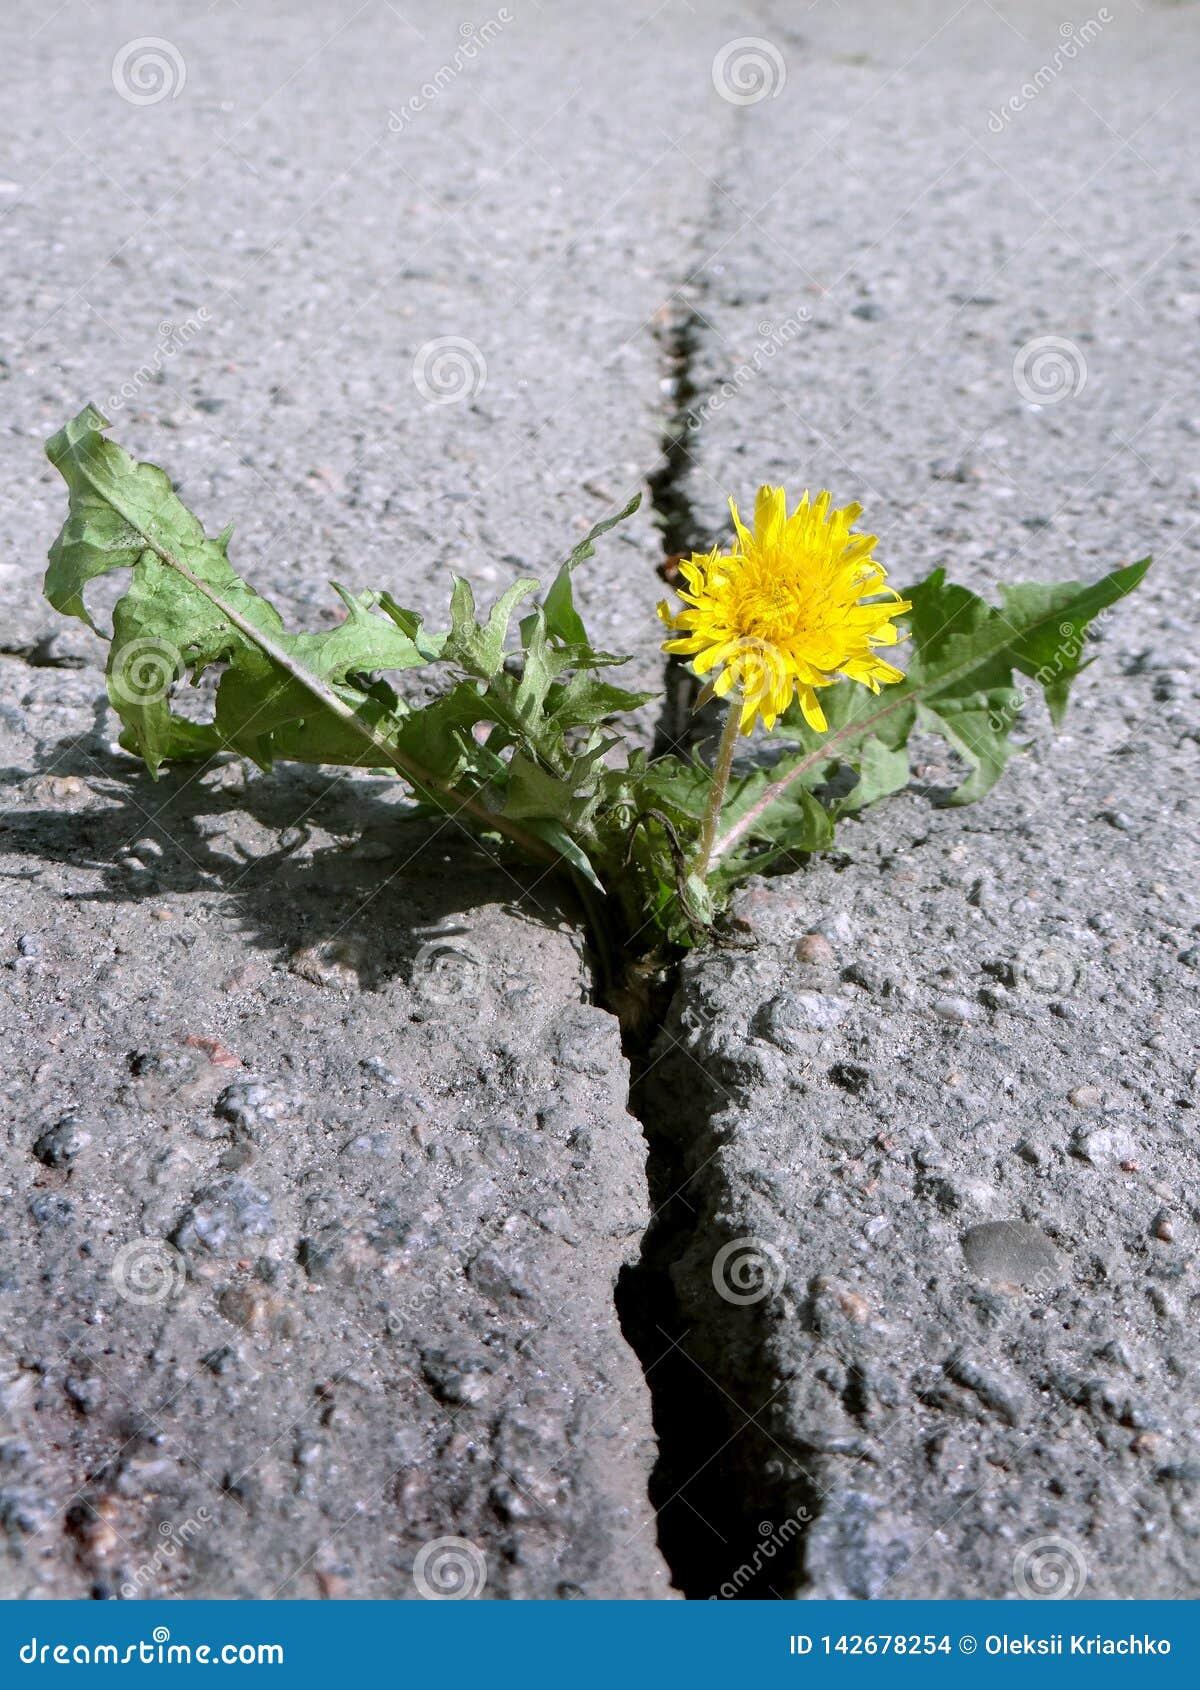 Grieta profunda en el asfalto Diente de león floreciente que crece en la grieta de una carretera de asfalto primer